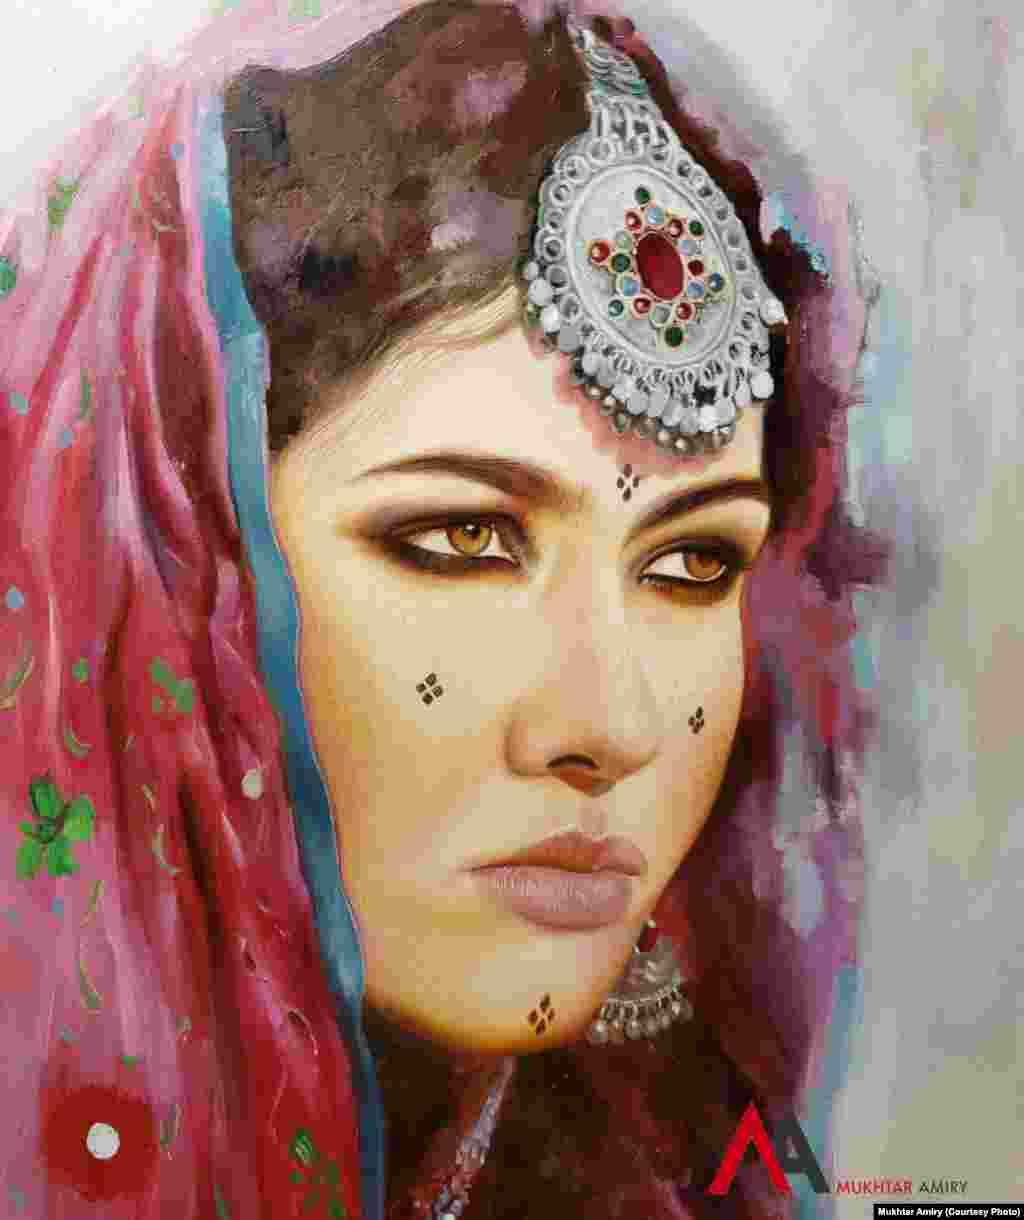 تصویری از زنی با لباس و جواهرات سنتی افغانستان